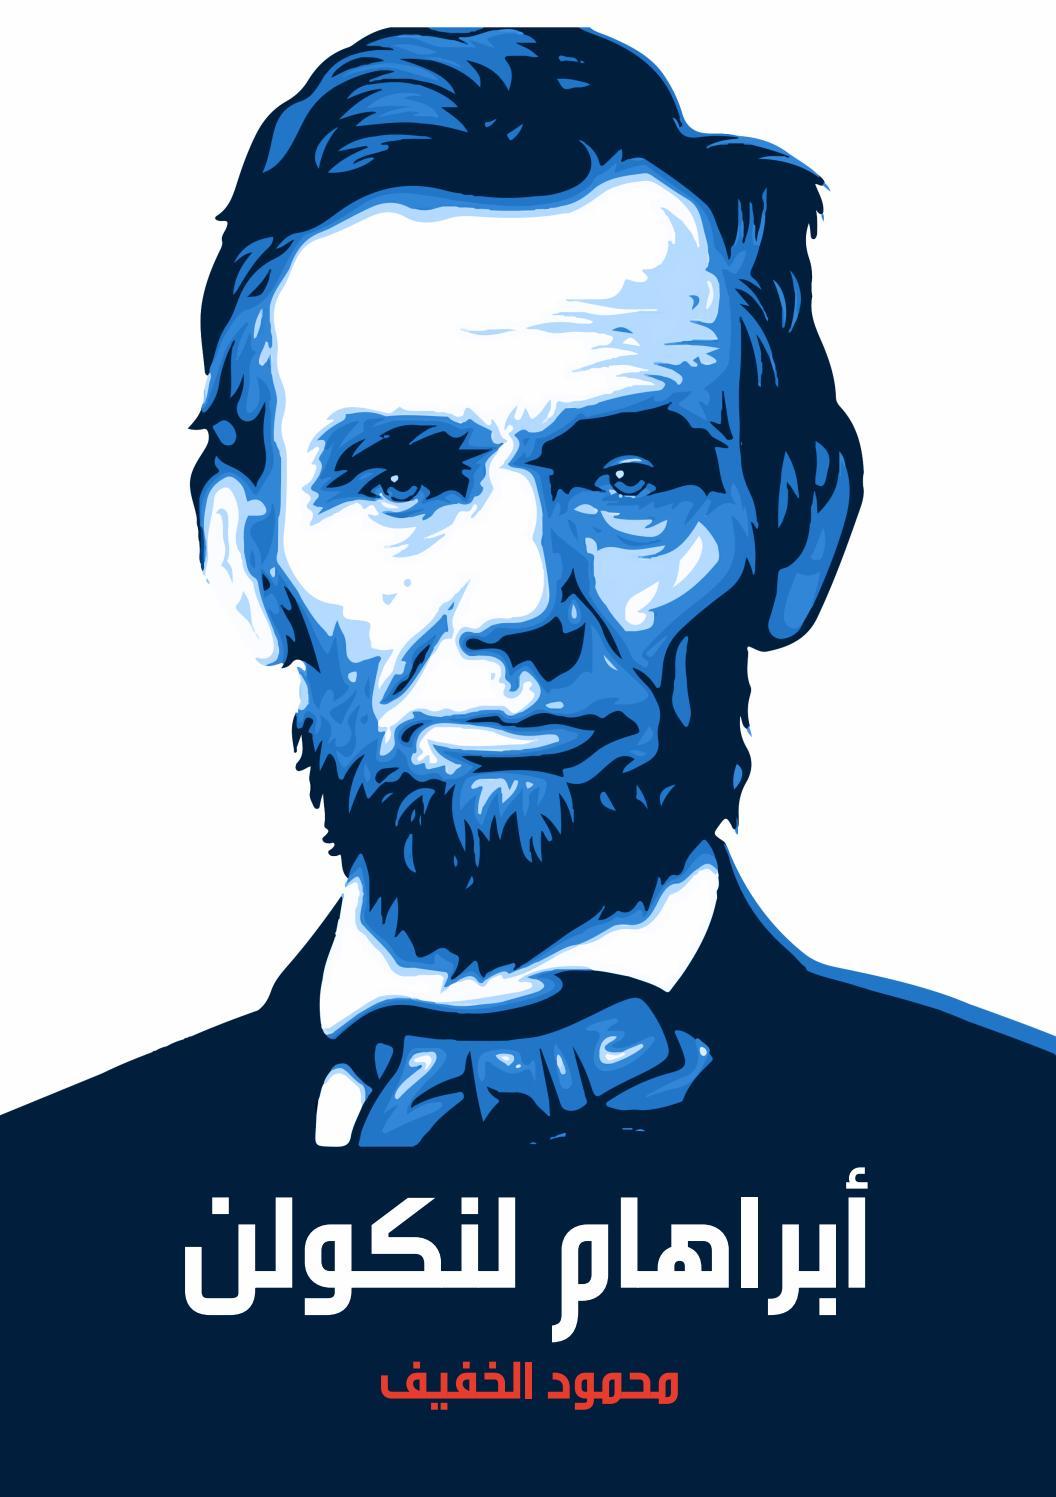 c7dd80c84f15d أبراهام لنكولن by my1freedom حر1يتي - issuu